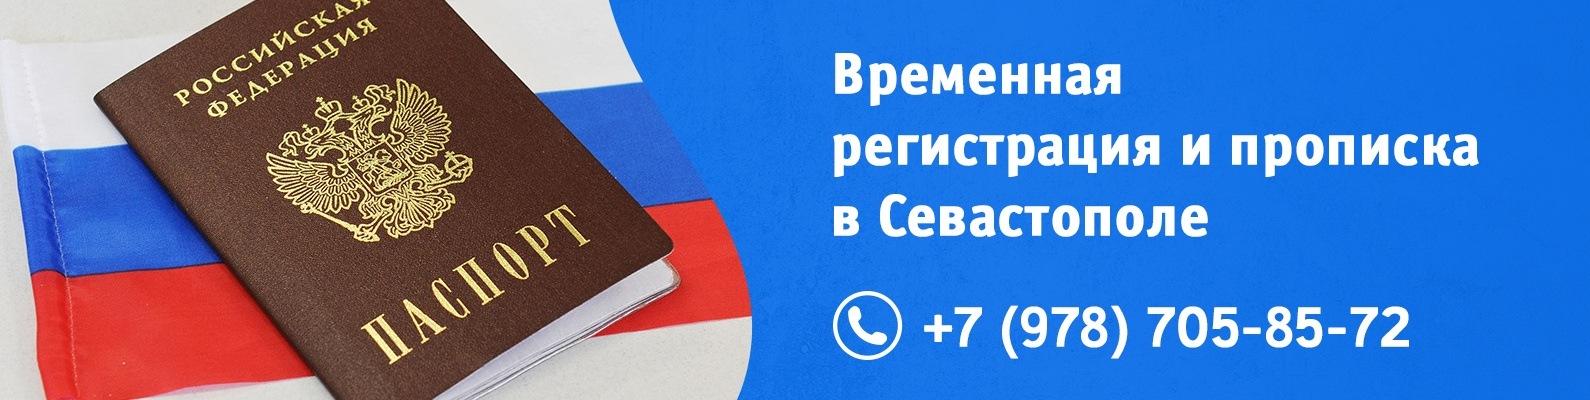 Цена временной регистрации в севастополе образец согласие на регистрацию иностранного гражданина от собственника